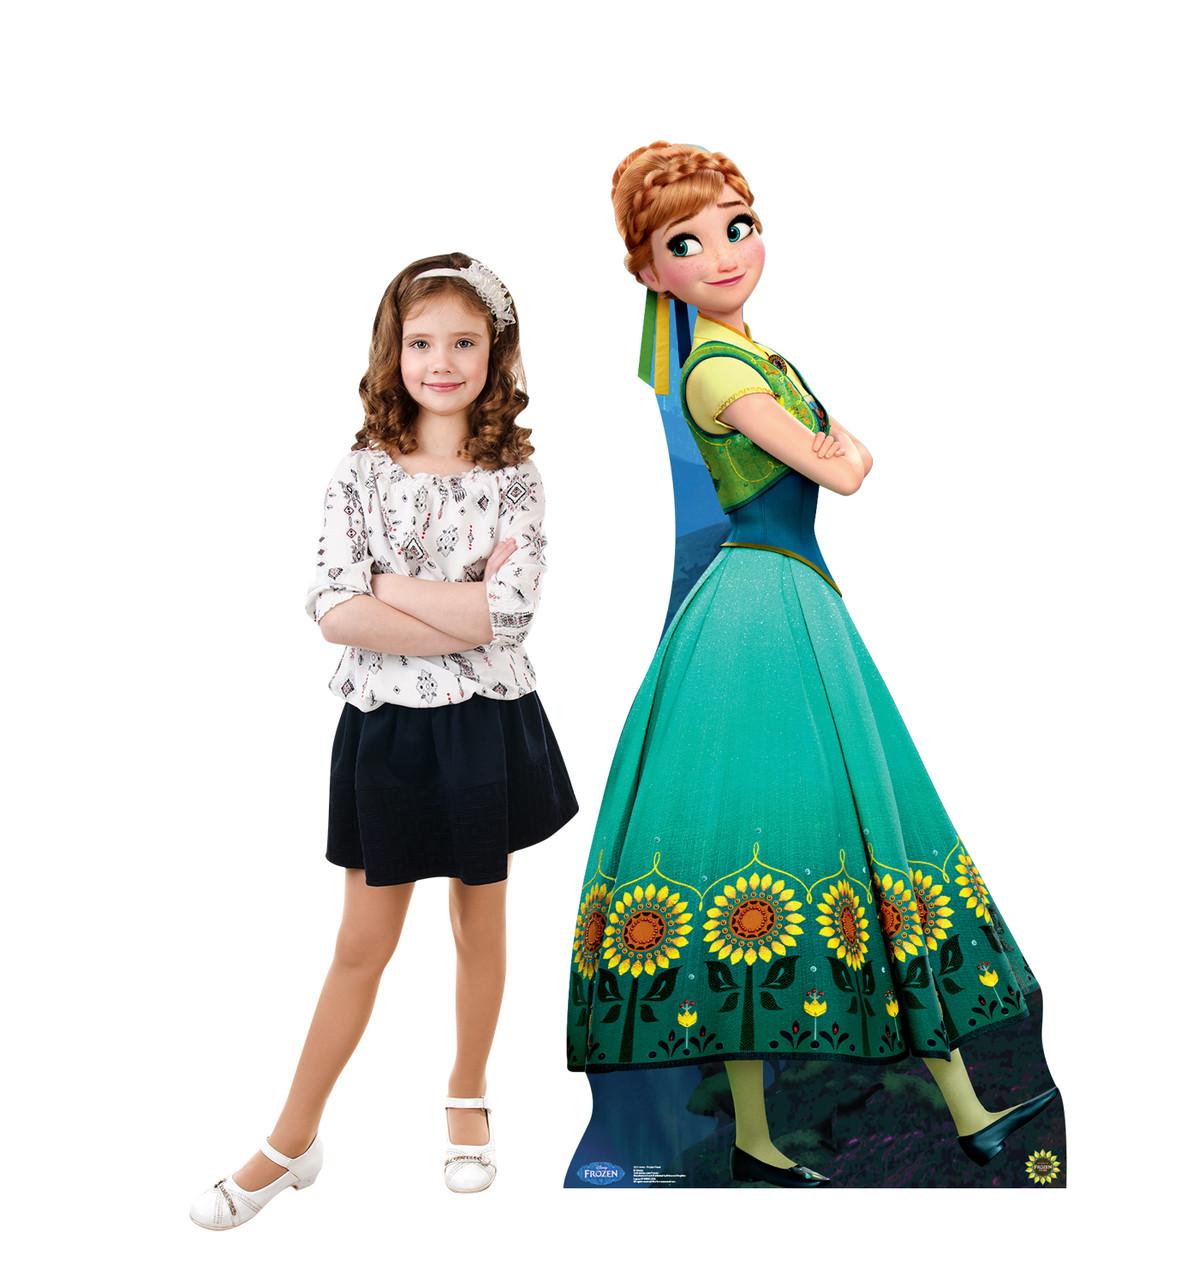 Anna - Frozen Fever - Cardboard Cutout Lifesize